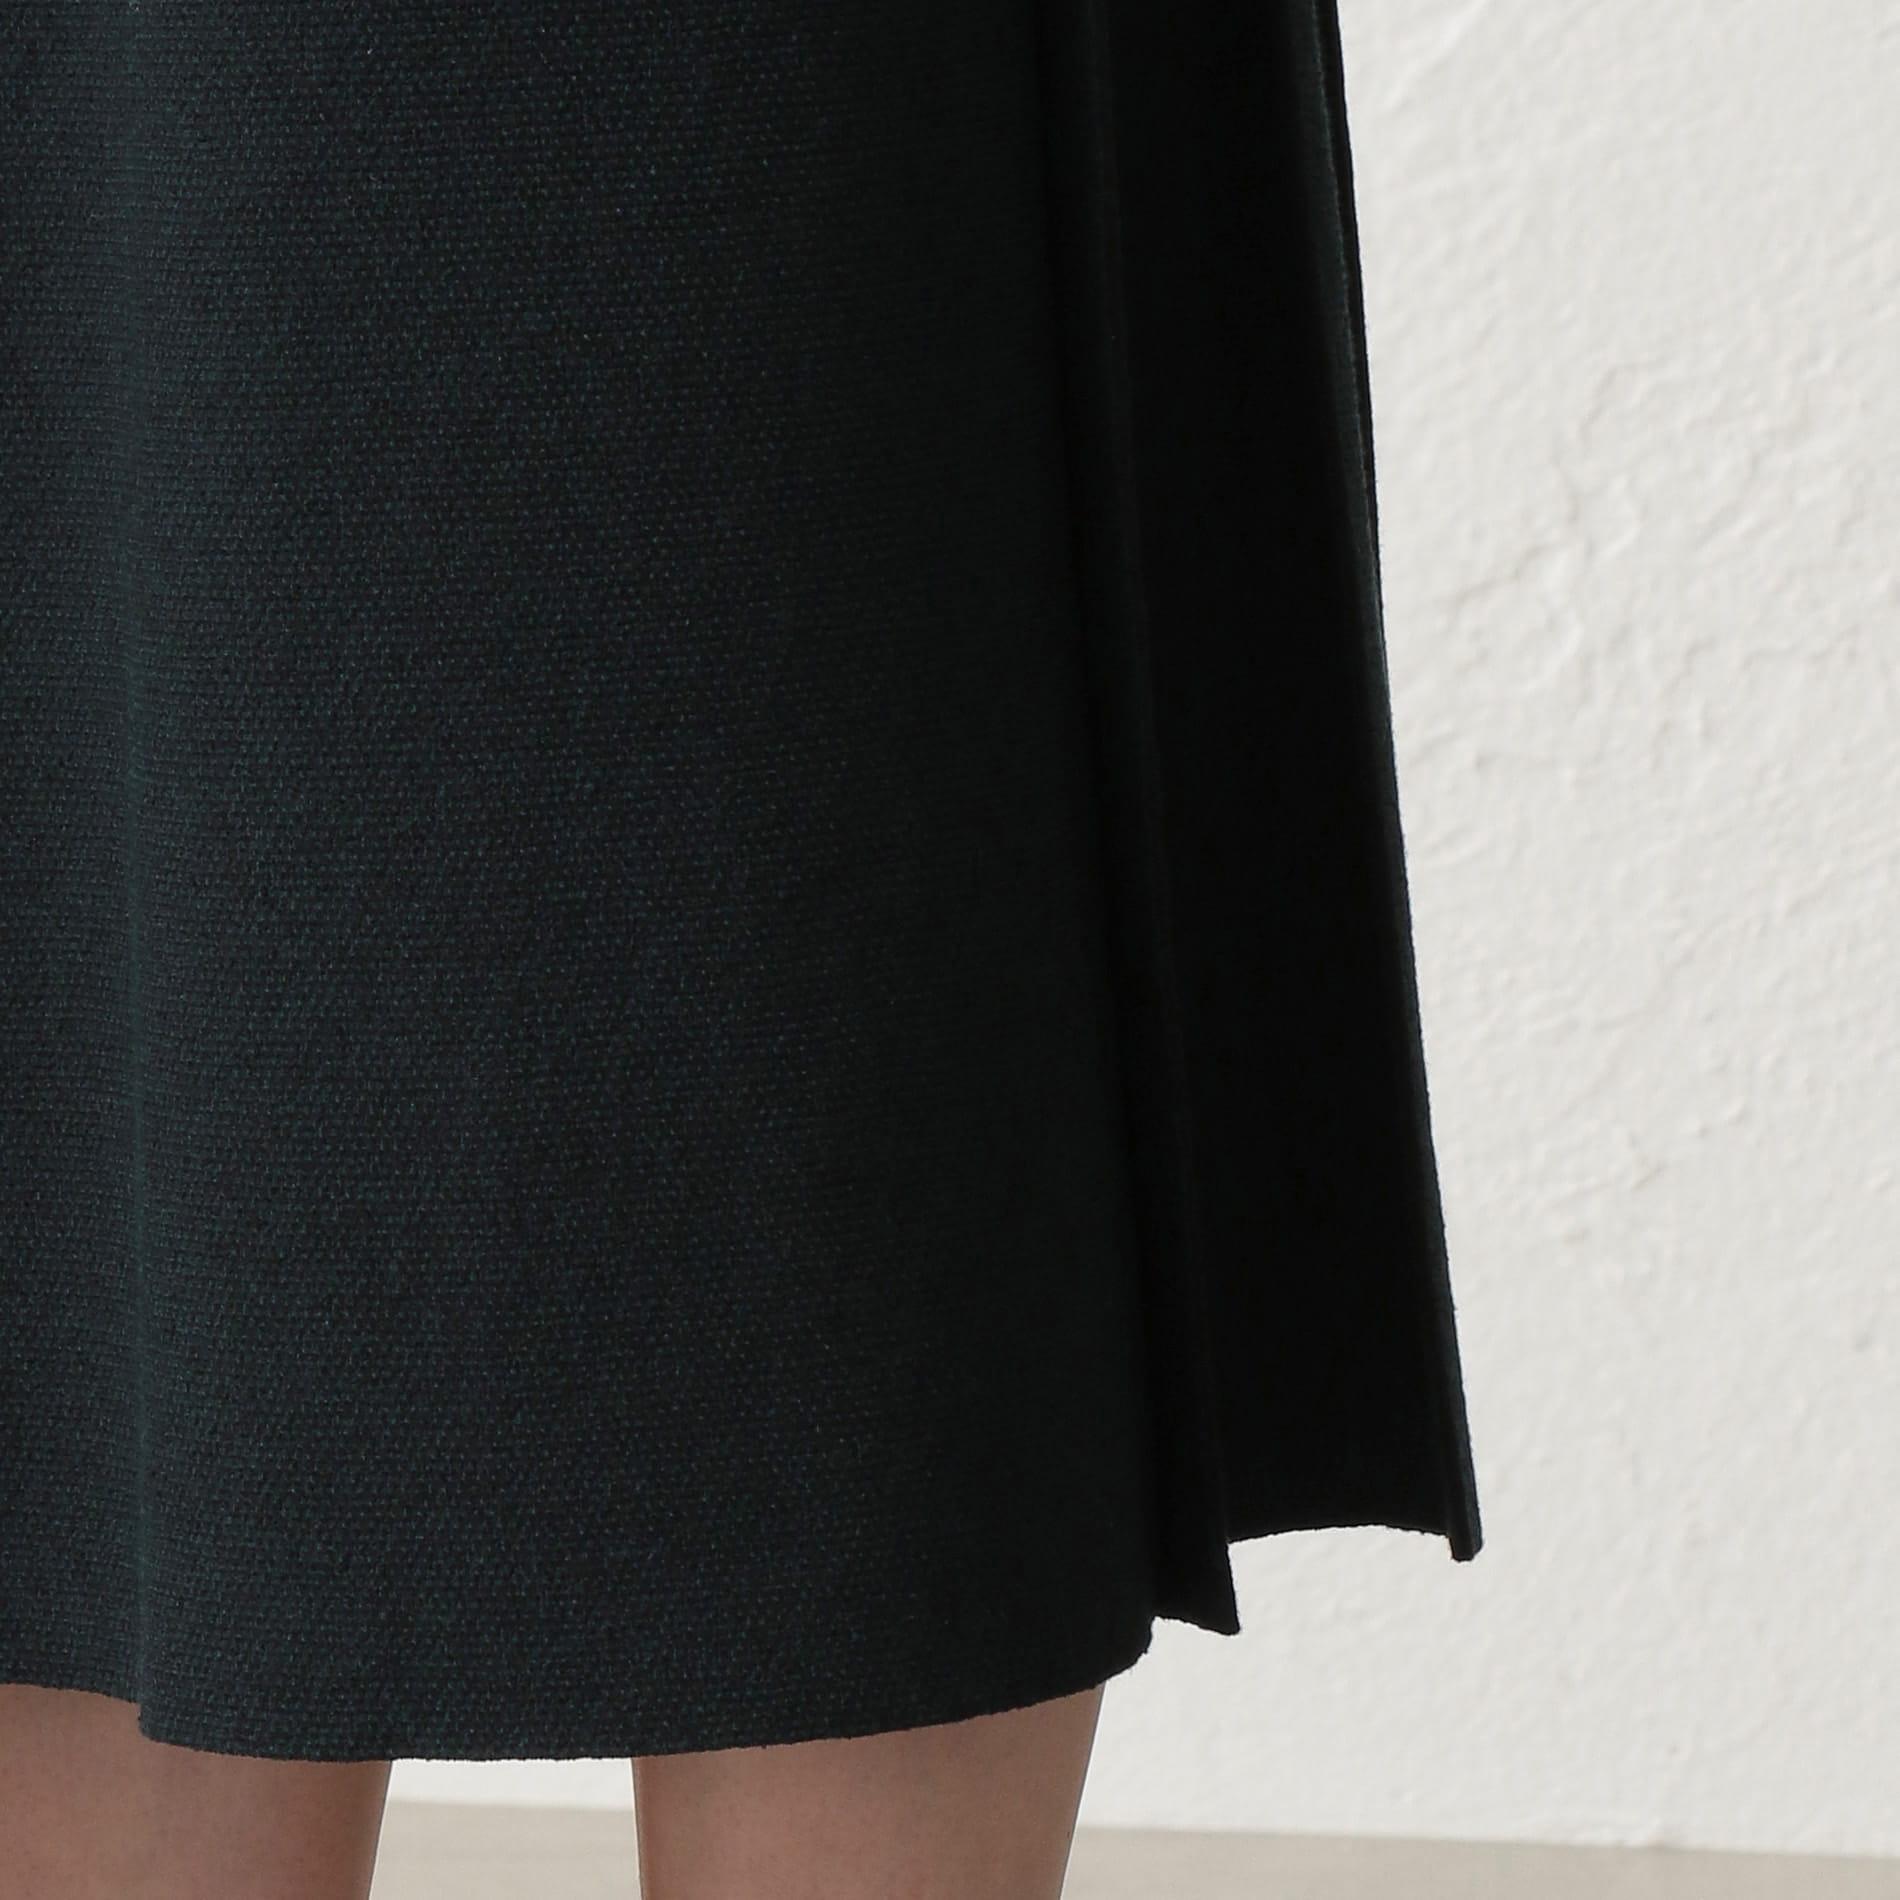 ドライツイードニットスカート